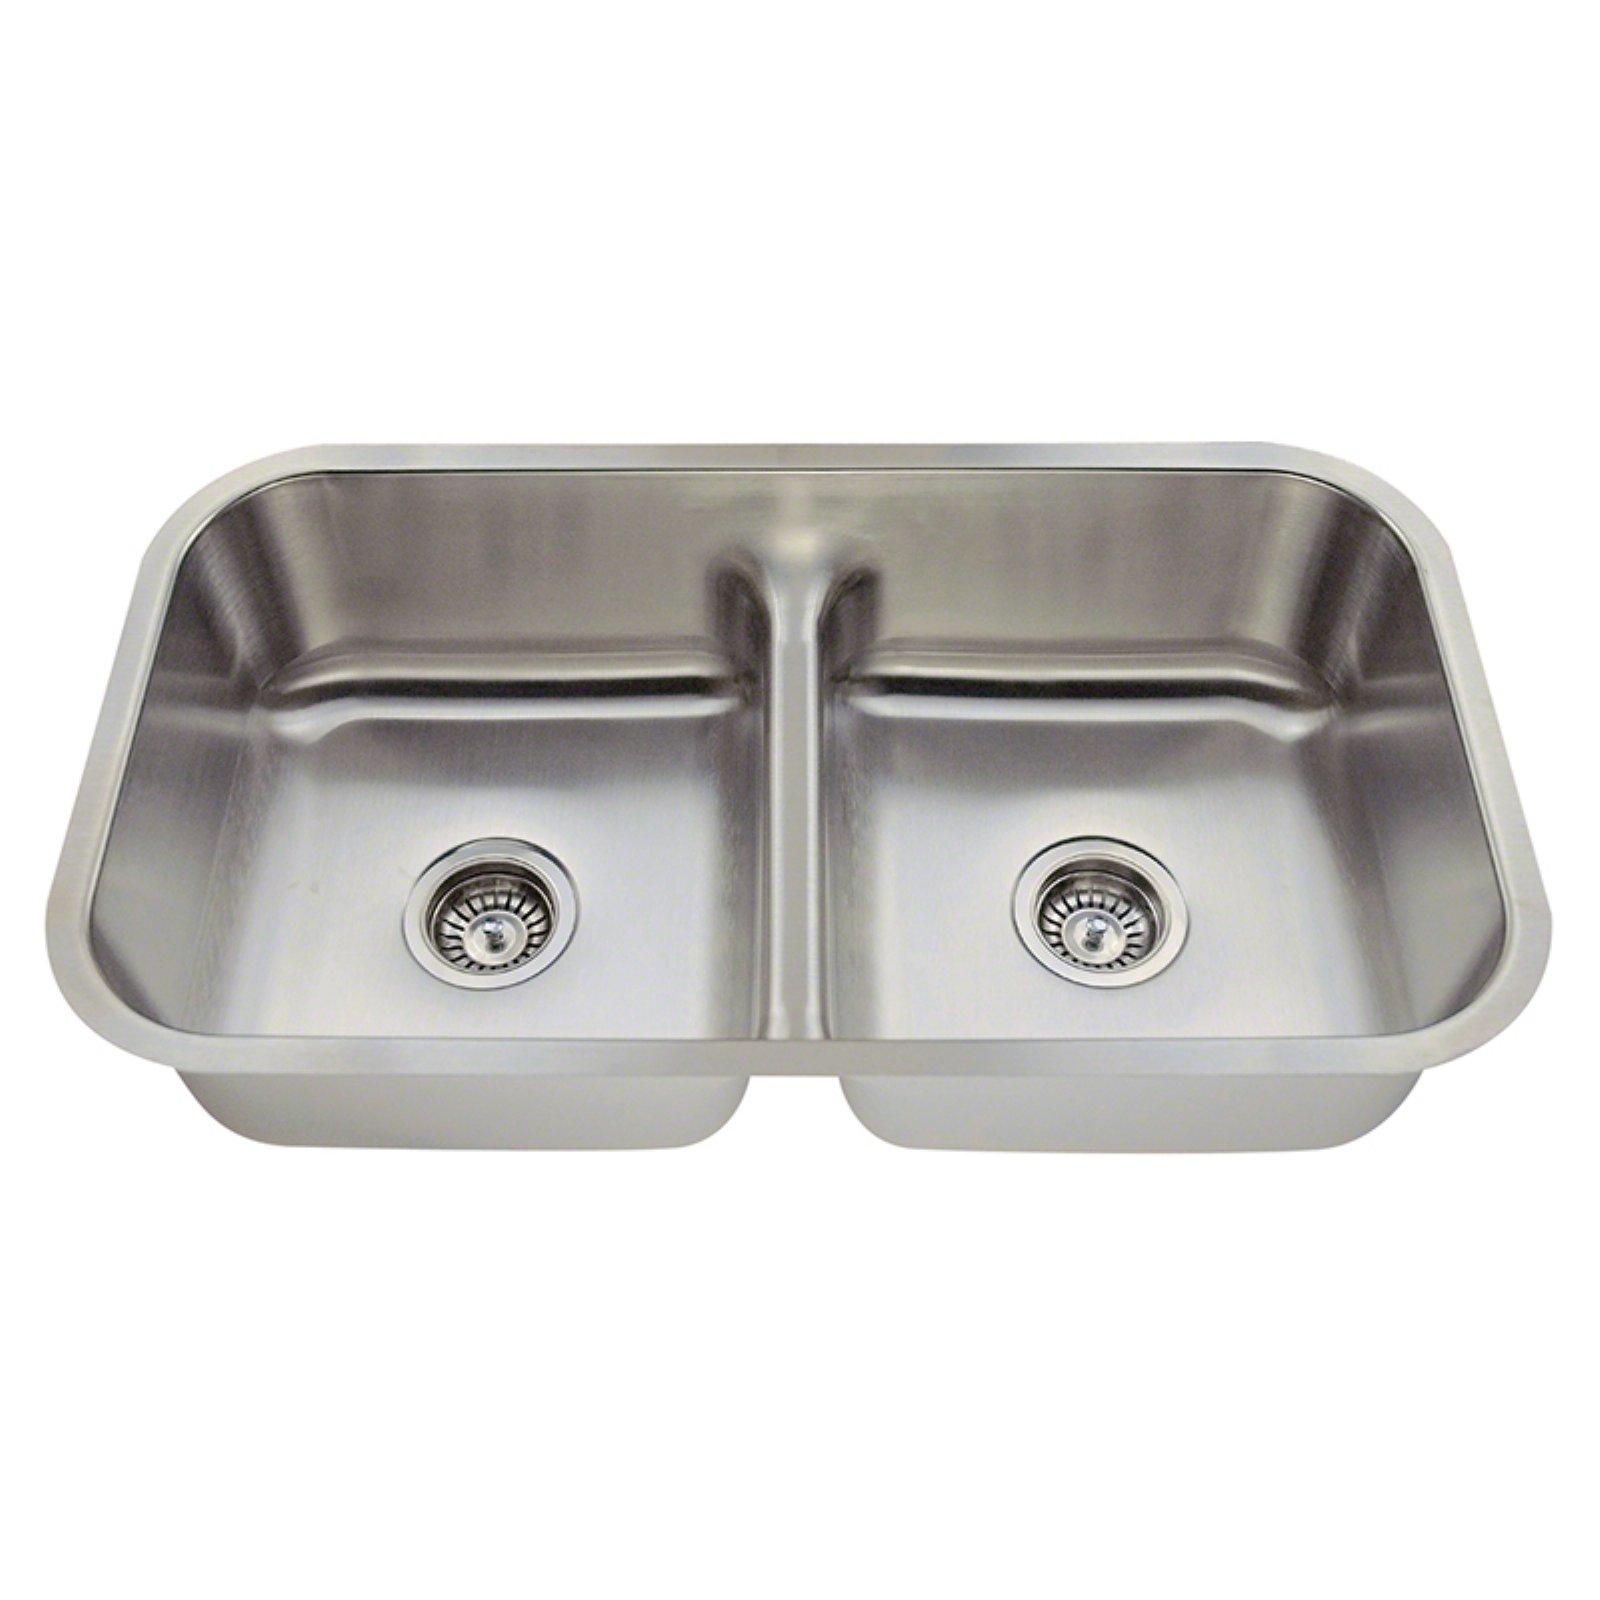 Polaris Sinks P215 Double Basin Undermount Kitchen Sink